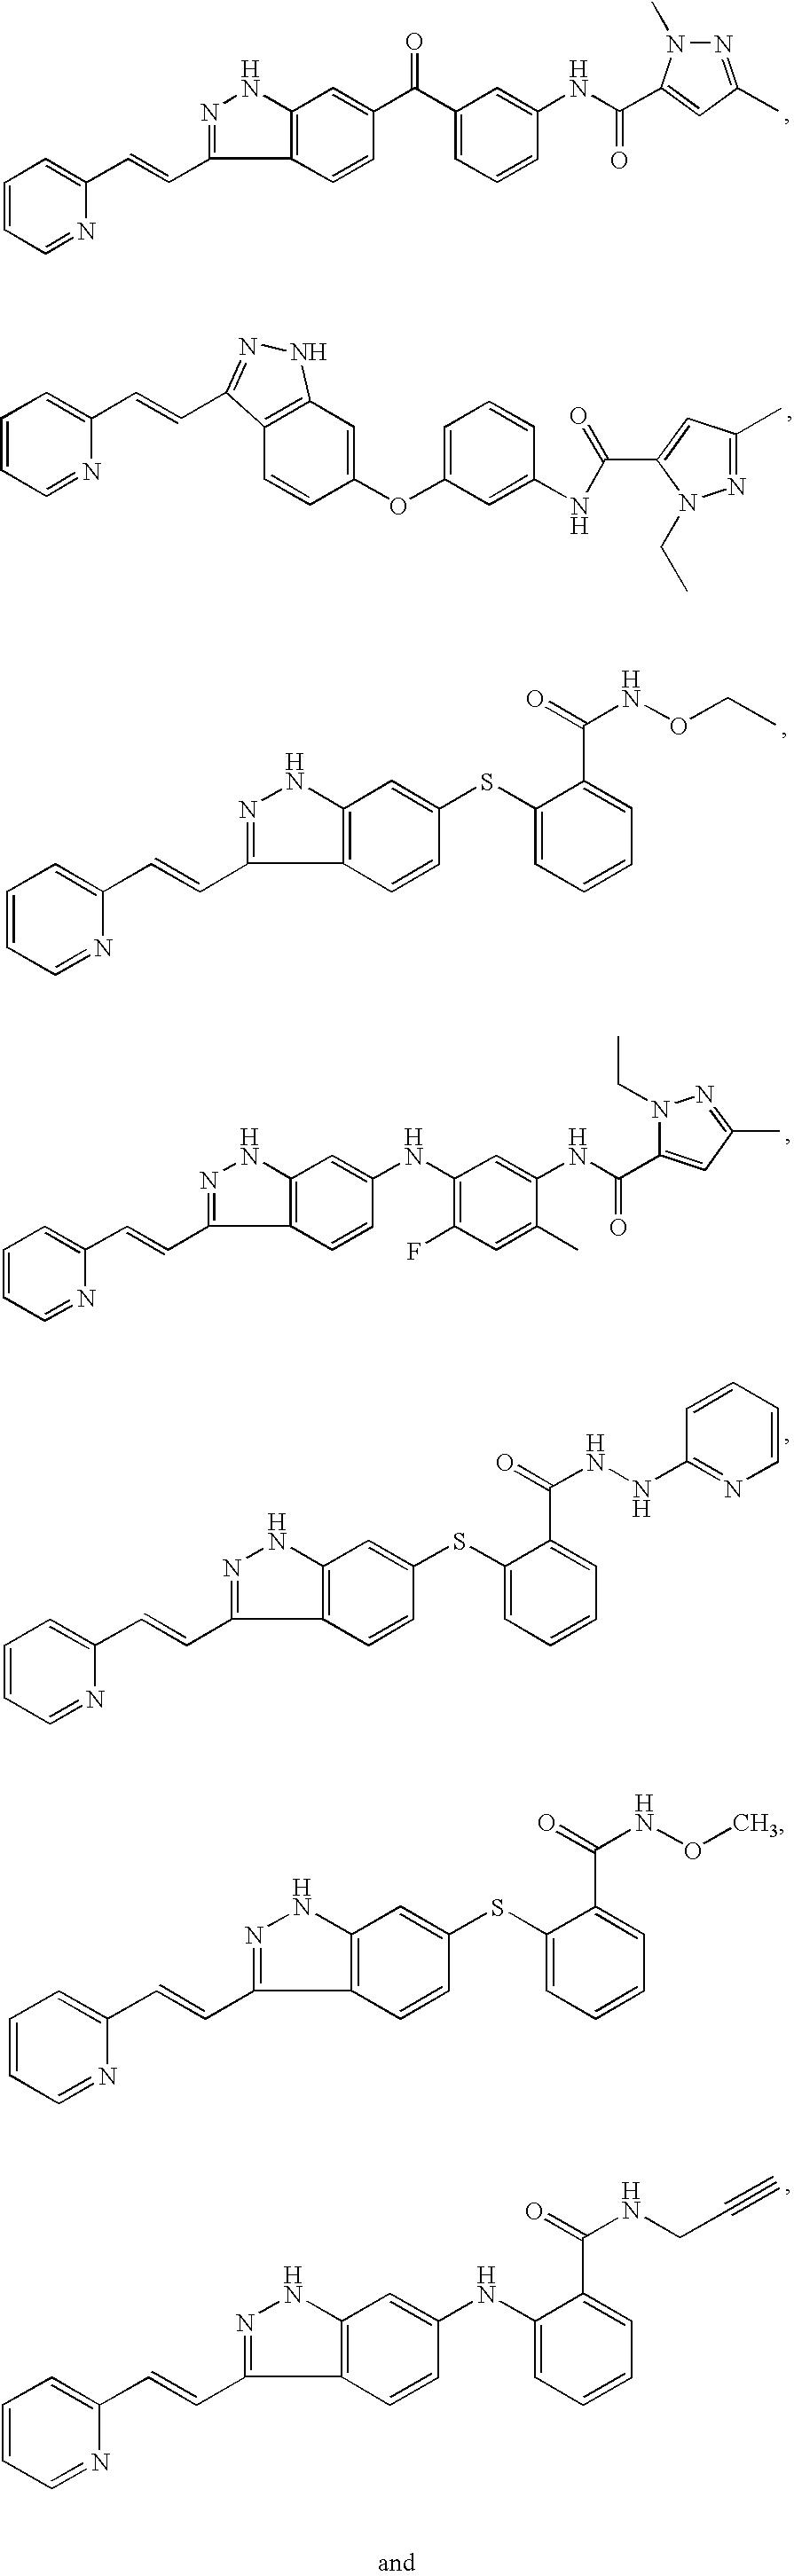 Figure US07141581-20061128-C00010